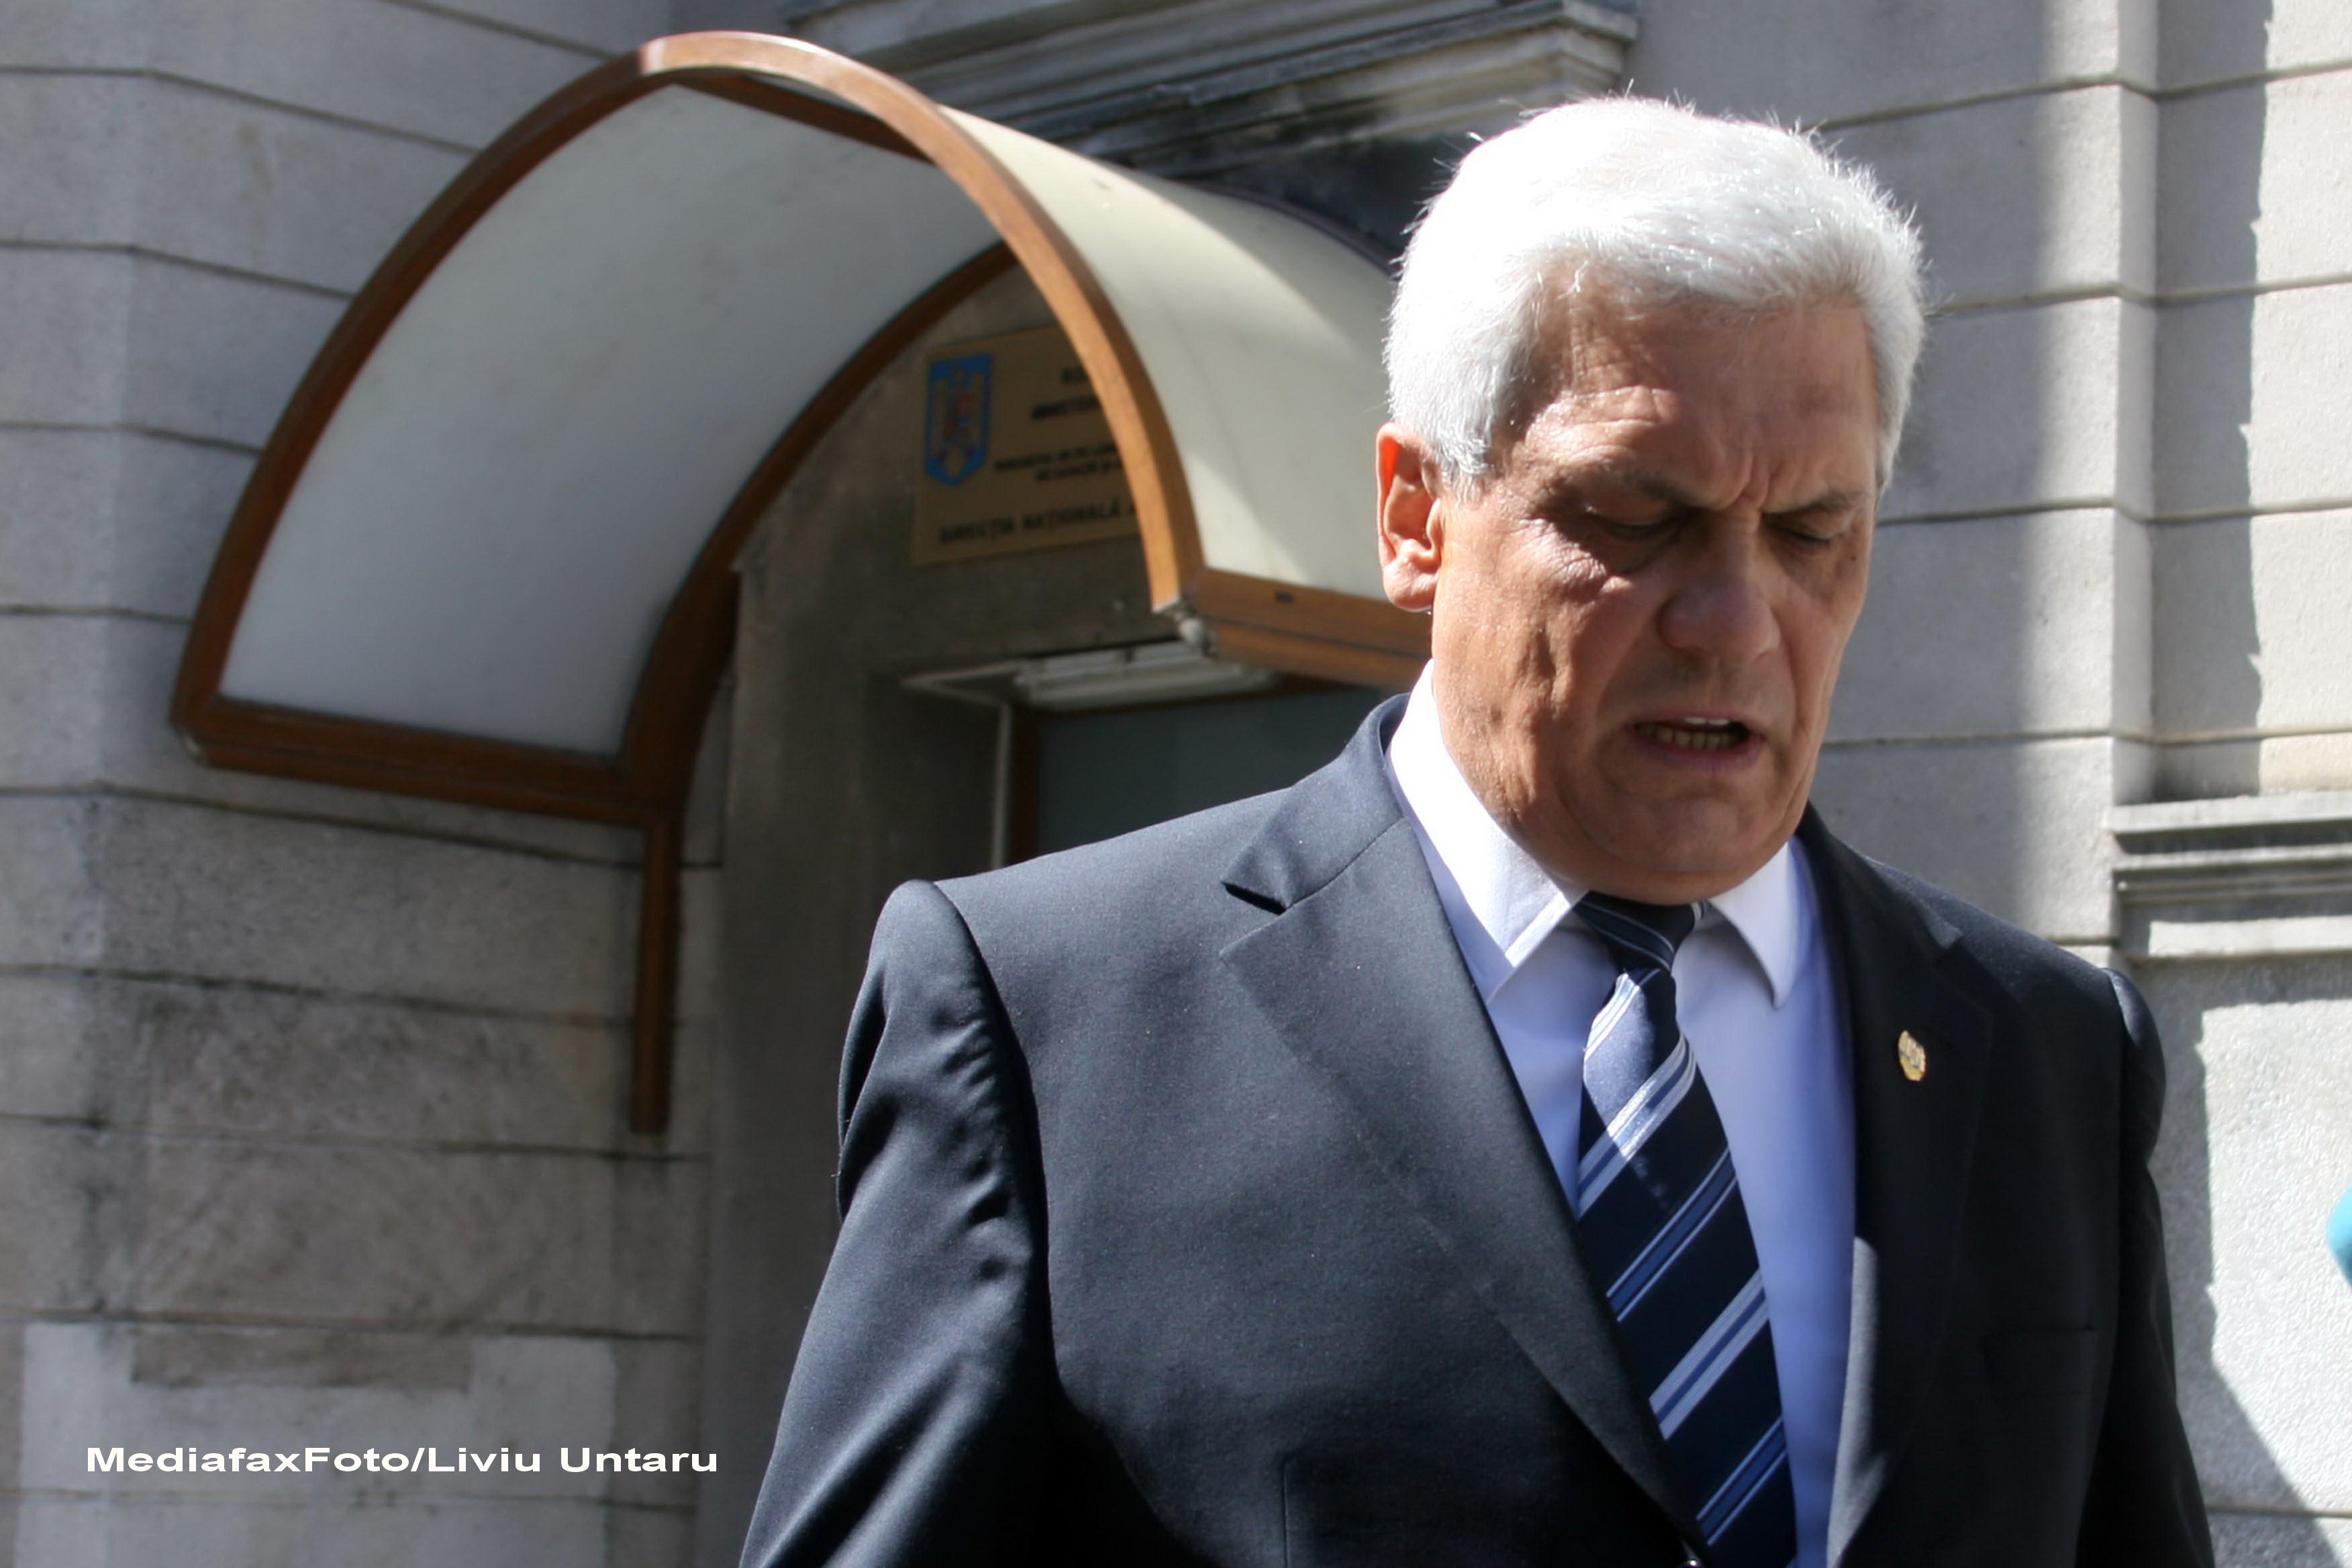 GALA BUTE. Fostul ministru al Economiei Ion Ariton a fost inculpat si pus sub control judiciar